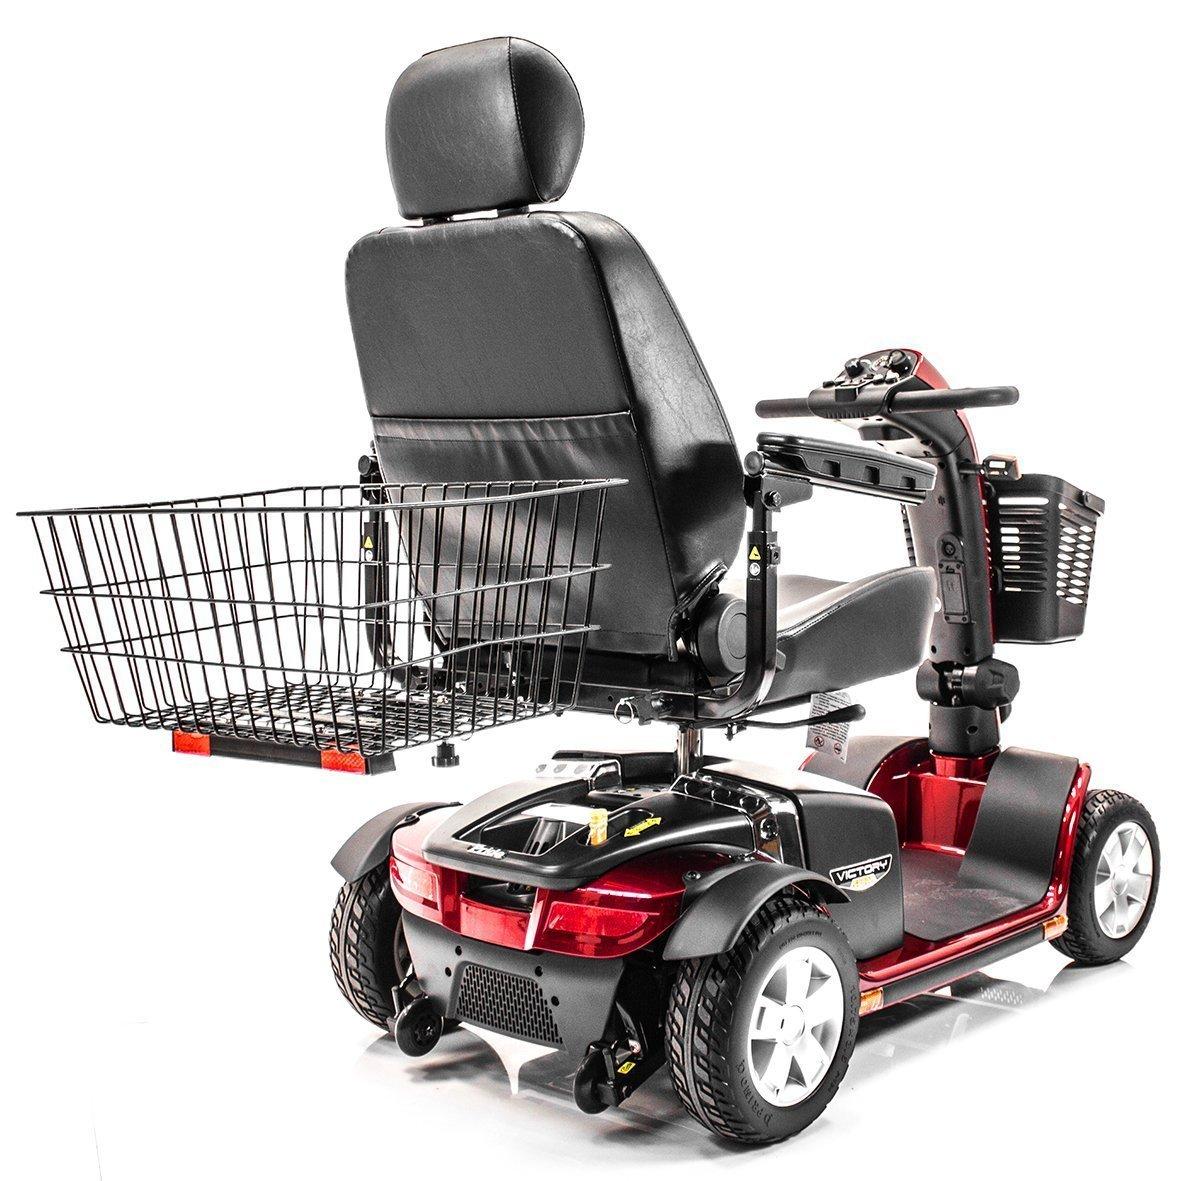 J1000 challenger mobility large basket 10